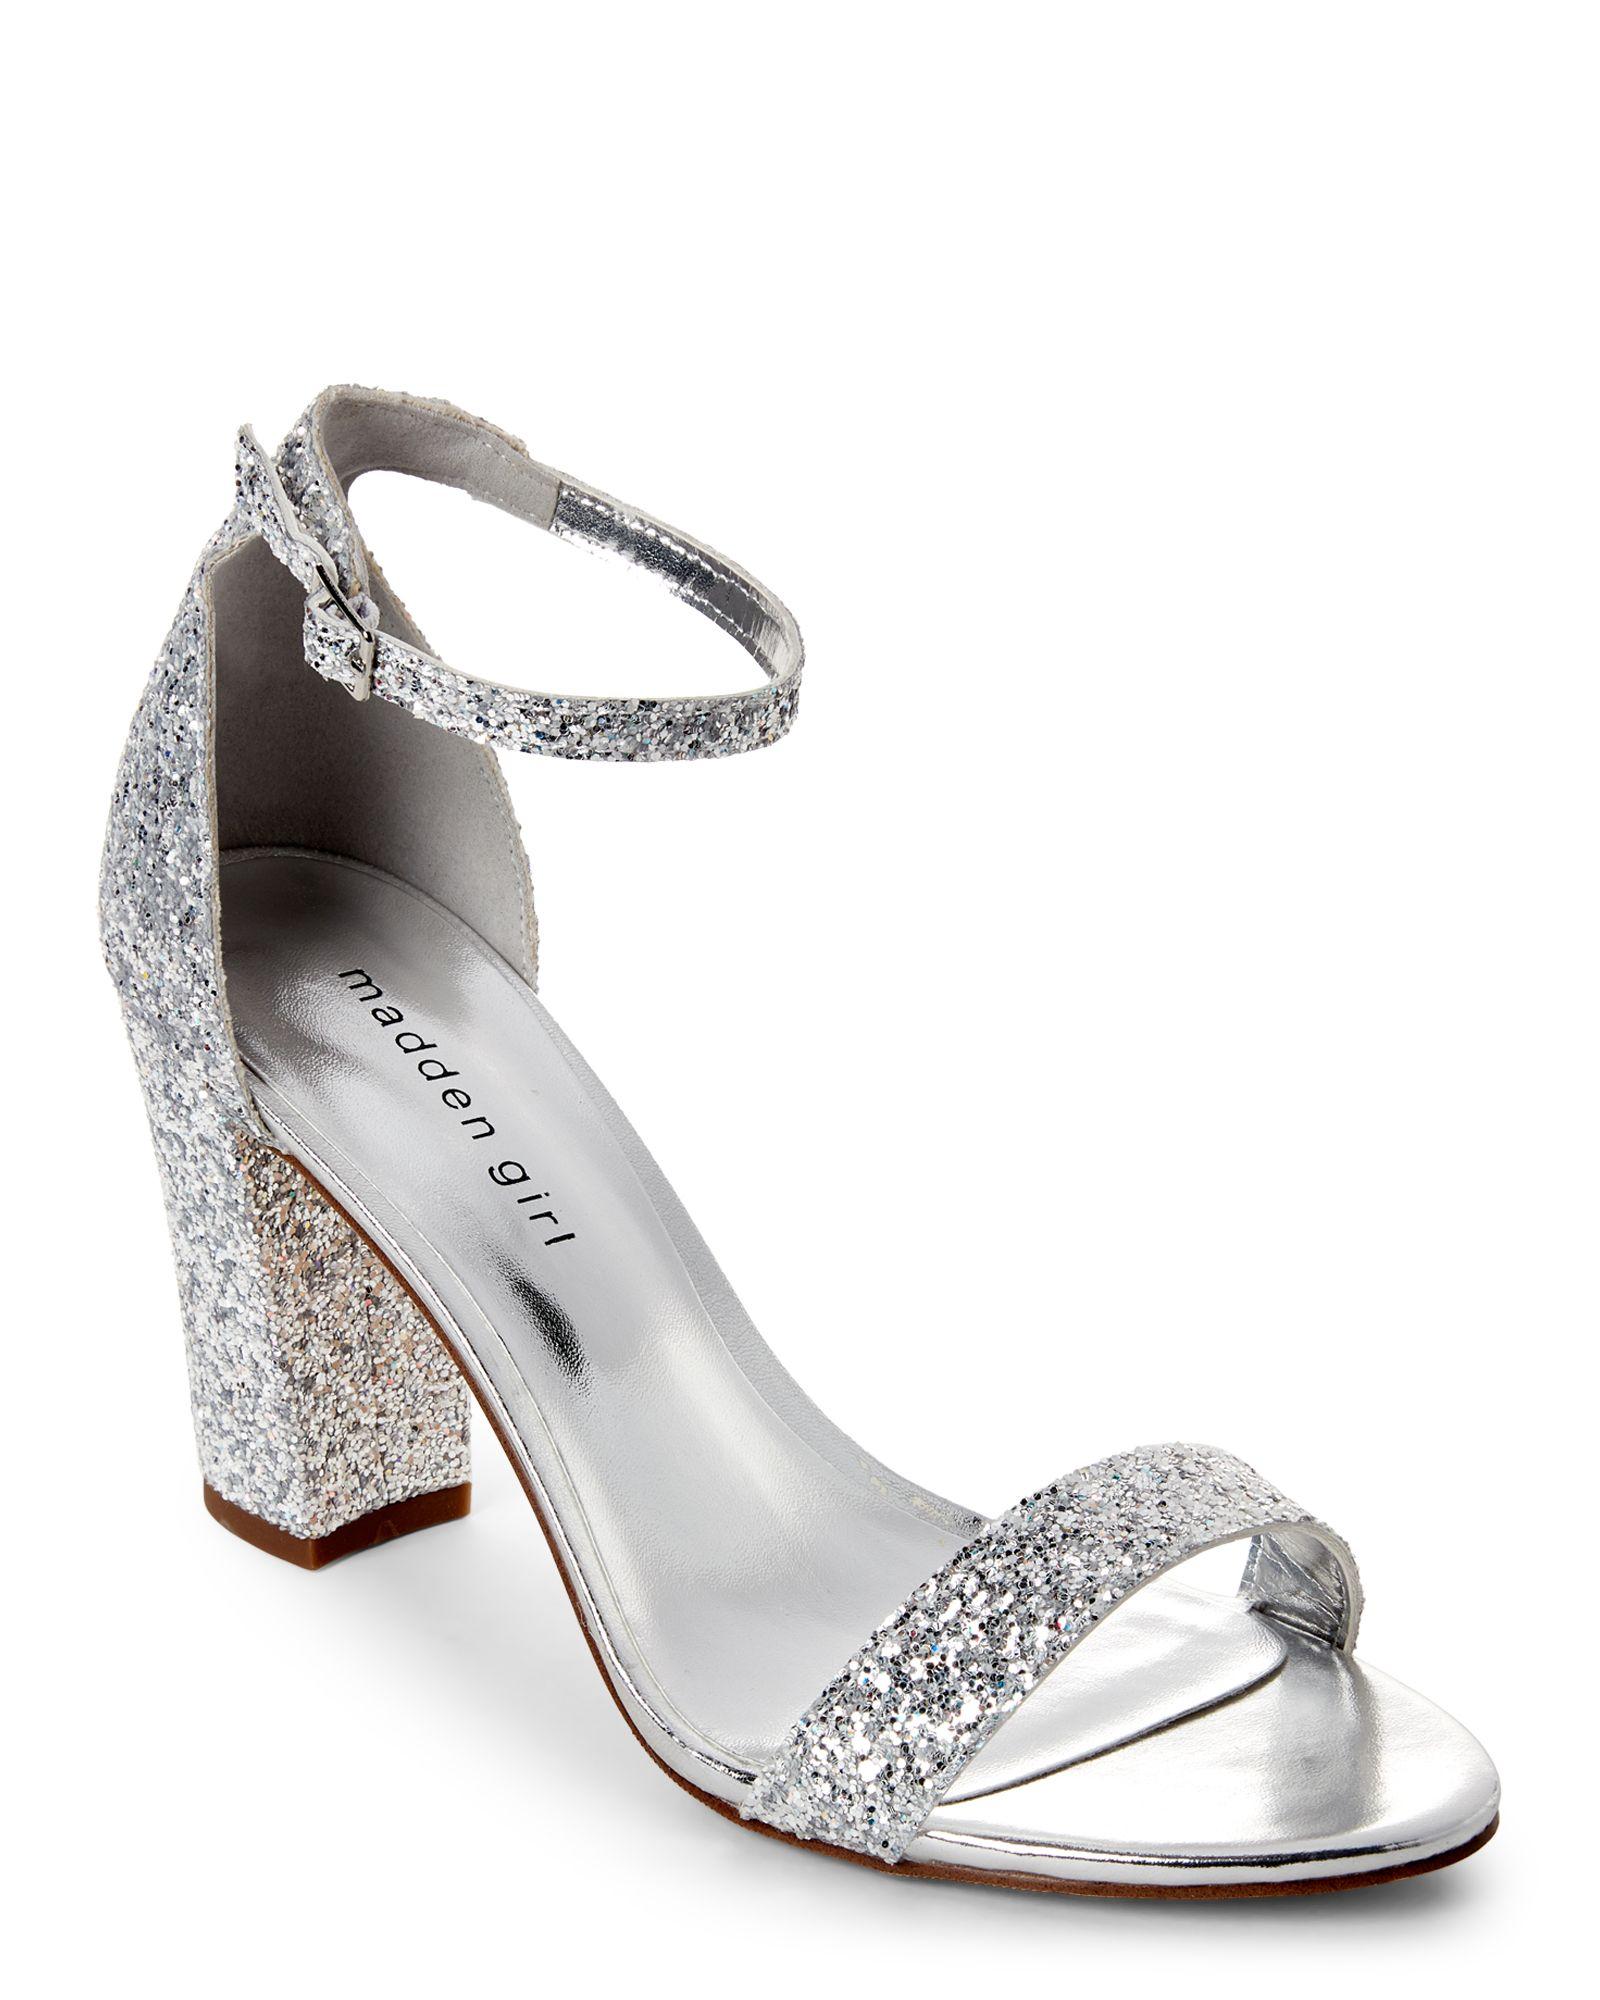 ecbf51a9bfcb Silver Bella Glitter Open Toe Heels | Quinceanera ideas | Heels ...